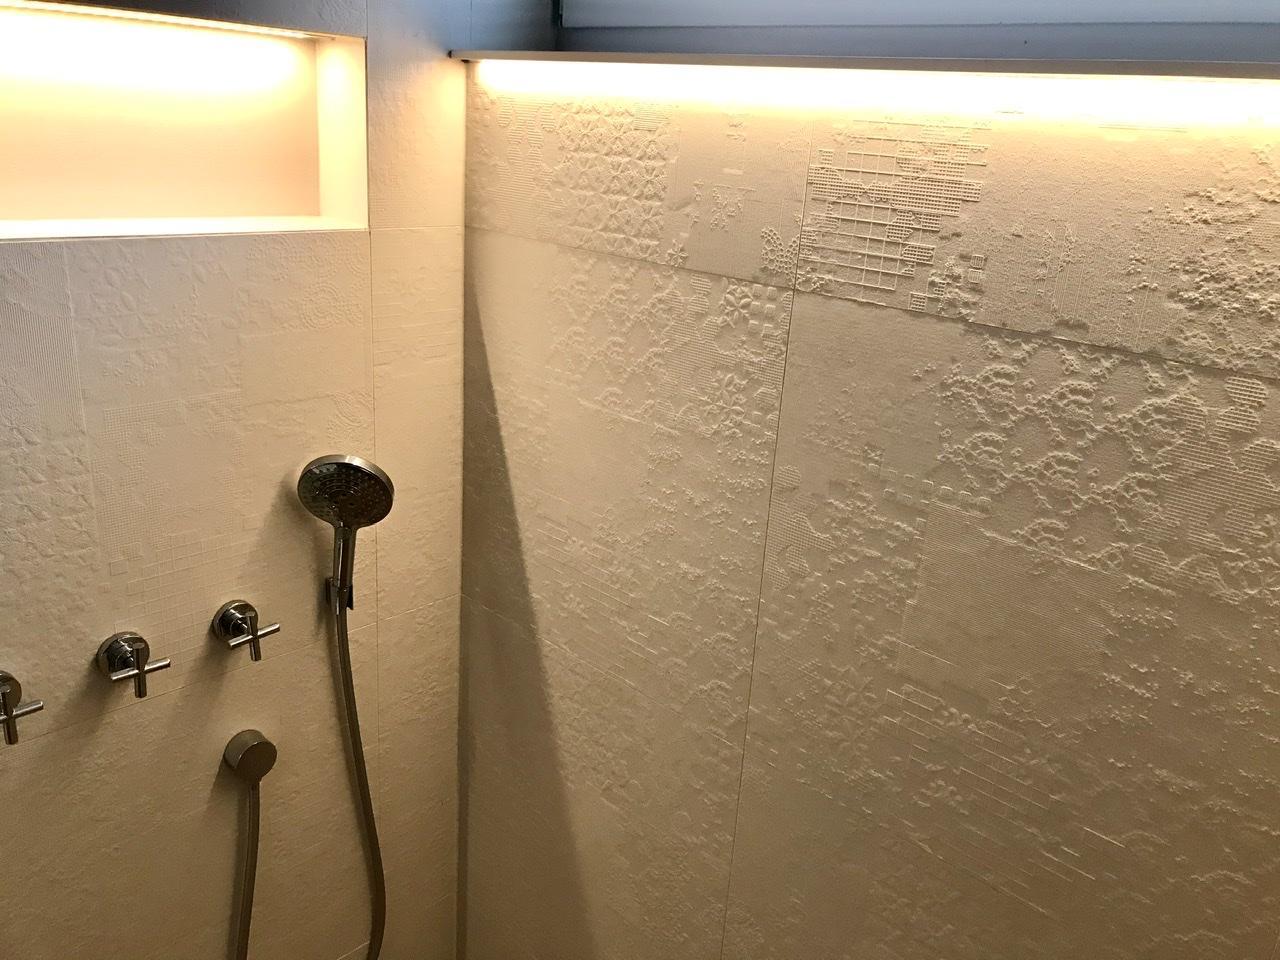 Naše L-ko - 2021 - stále dokončujeme - Dokončené podsvietenie v sprche v malej kúpelni. Po 4 rokoch osadený parapet z fundermaxu so zafrézovaným led páskom pre osvetlenie reliéfneho dekoru obkladu Mutina.